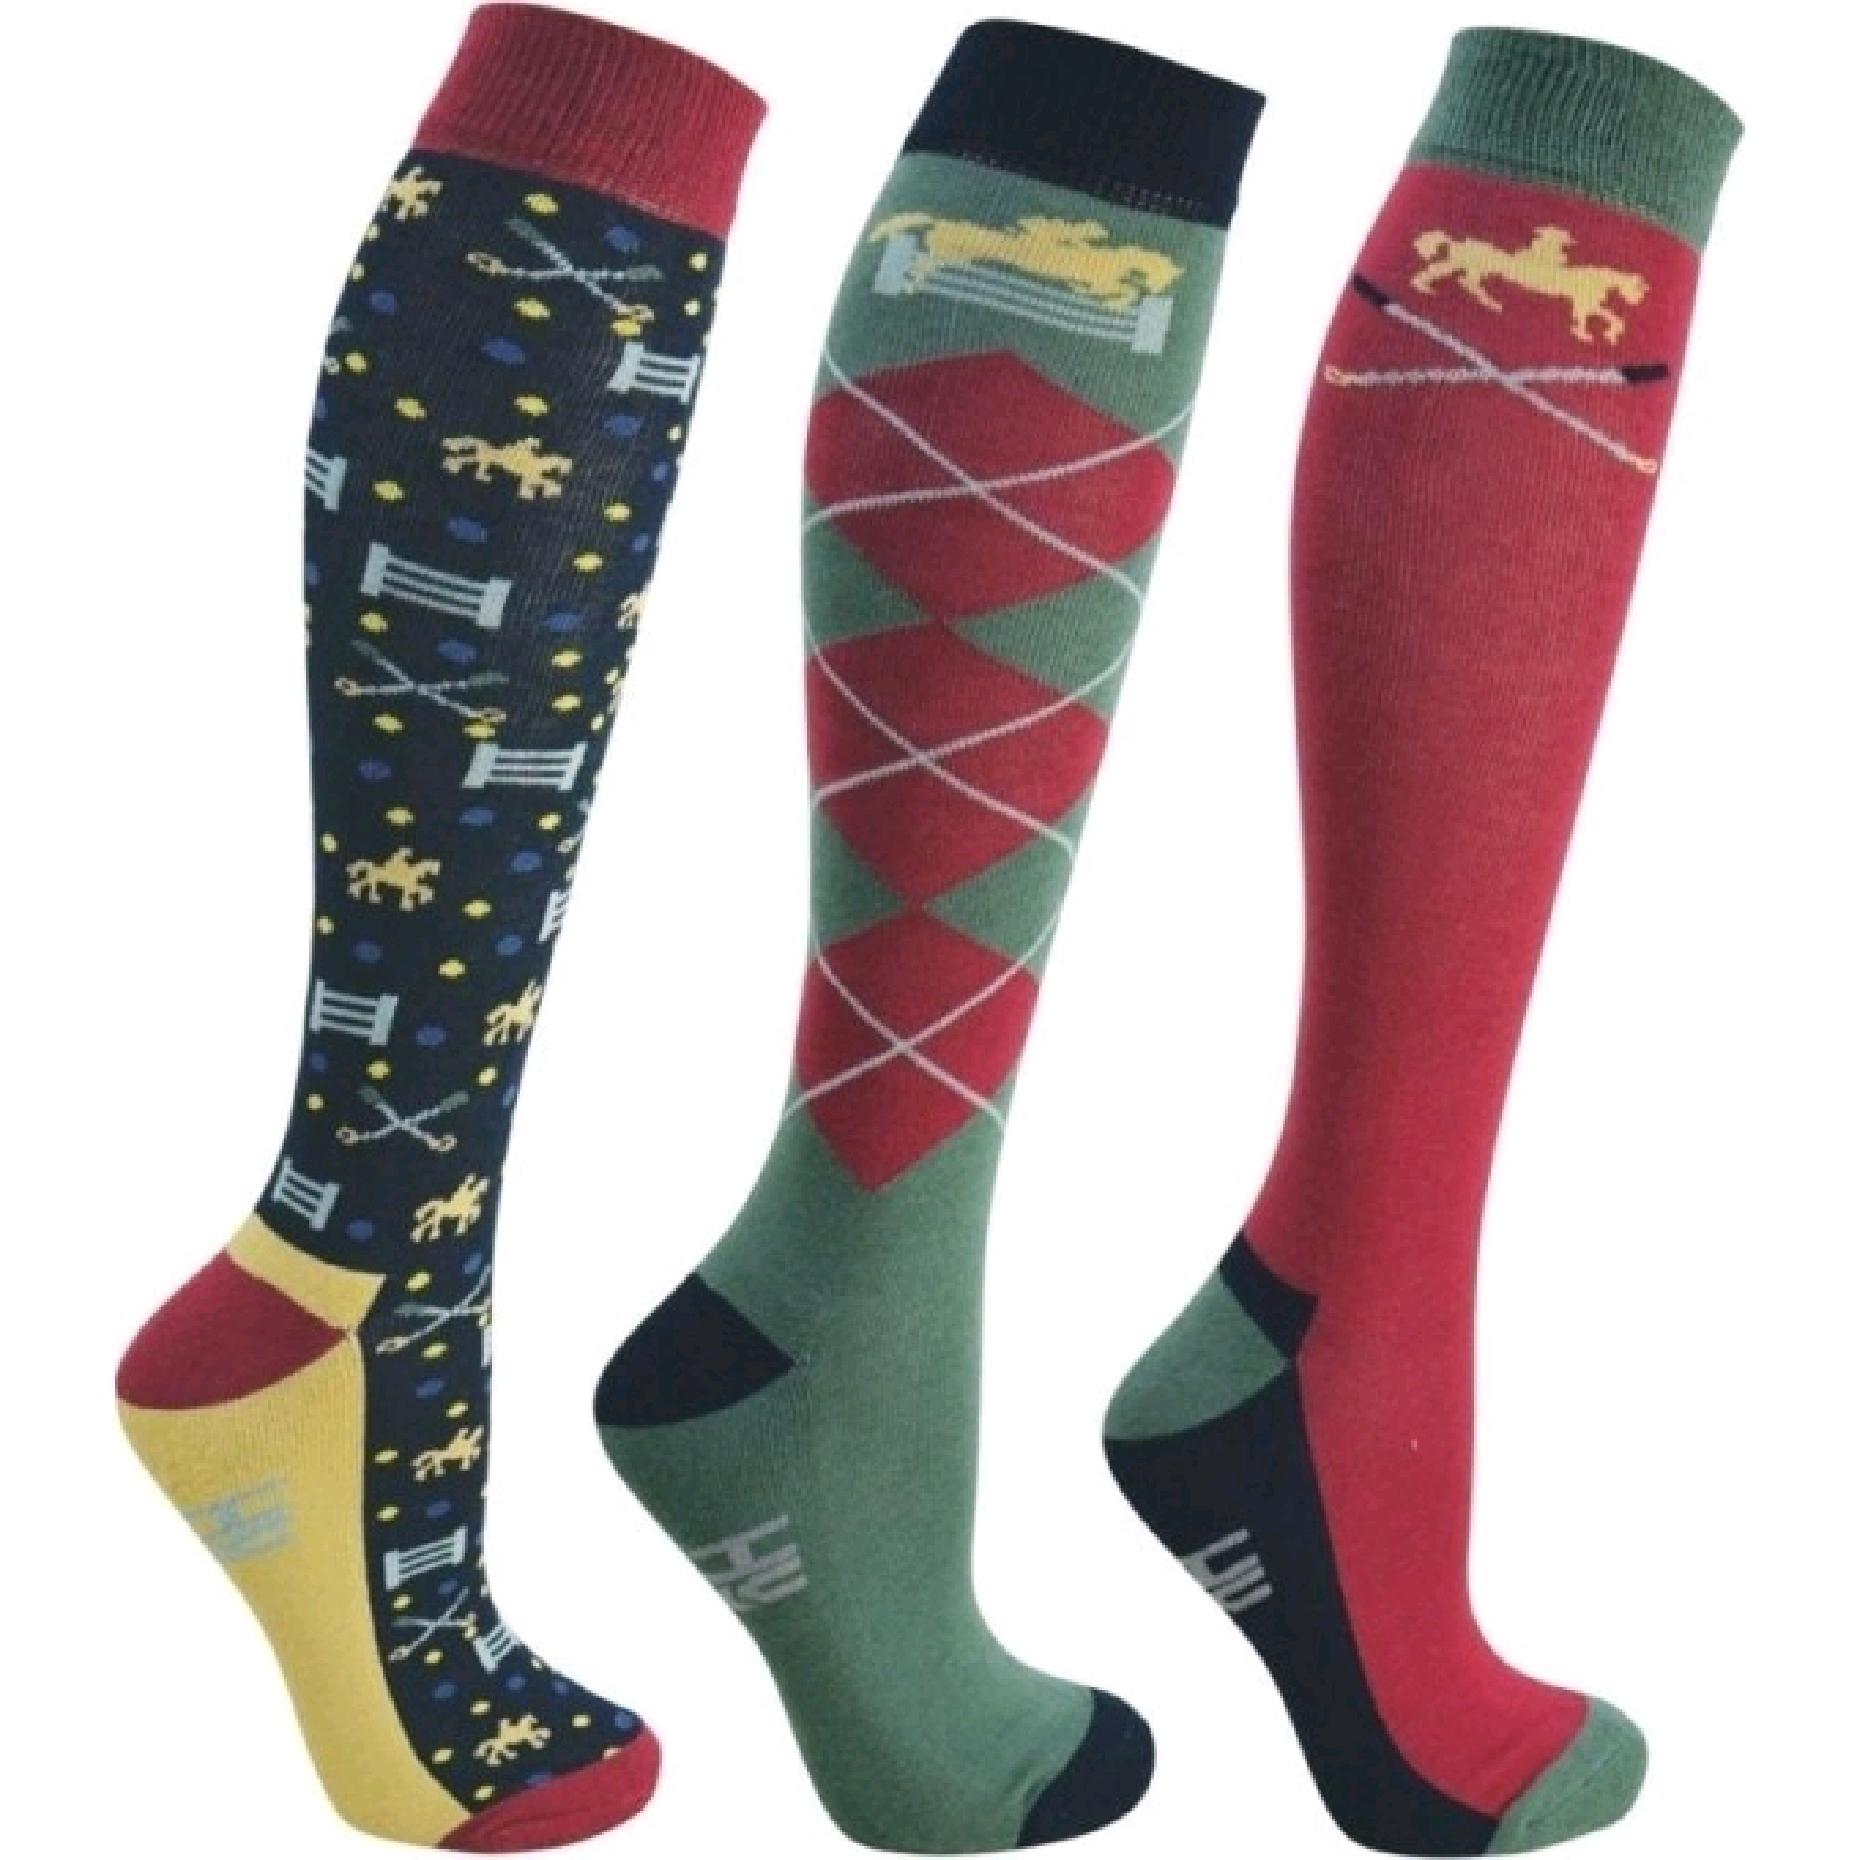 HY Socks Unisex (3 Pack)